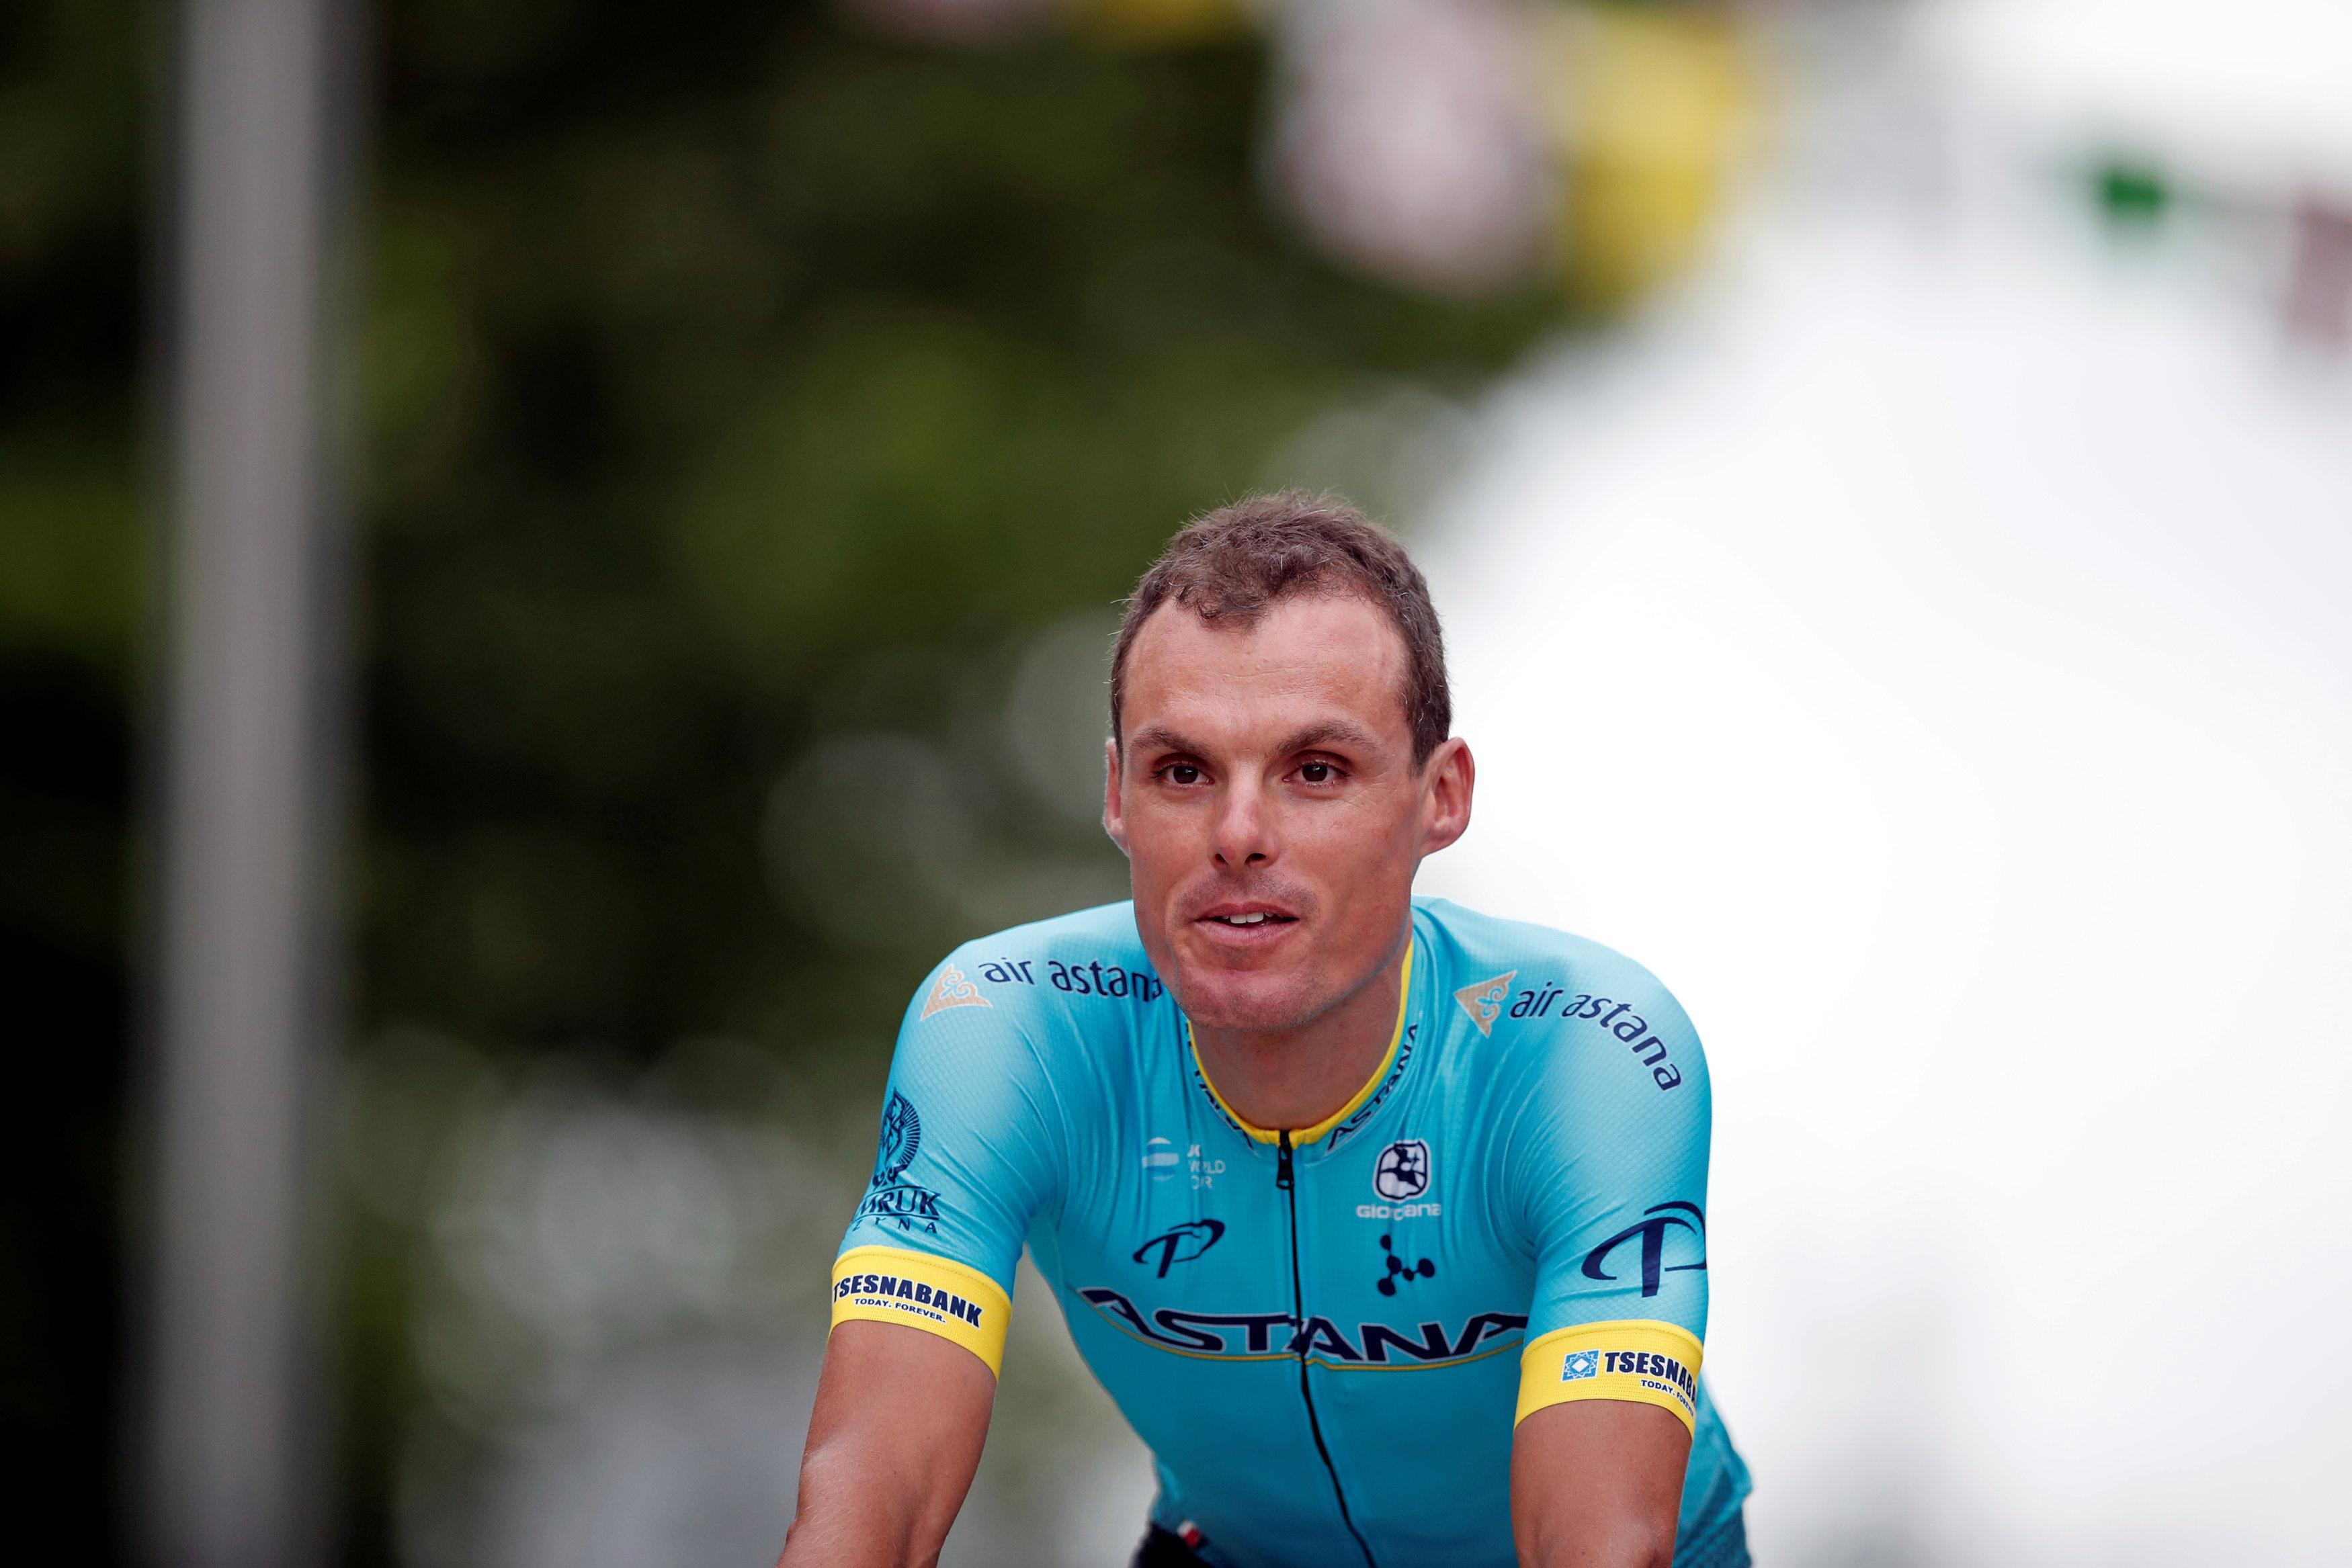 Luis Leon Sanchez was an unfortunate victim of a crash at the Tour de France